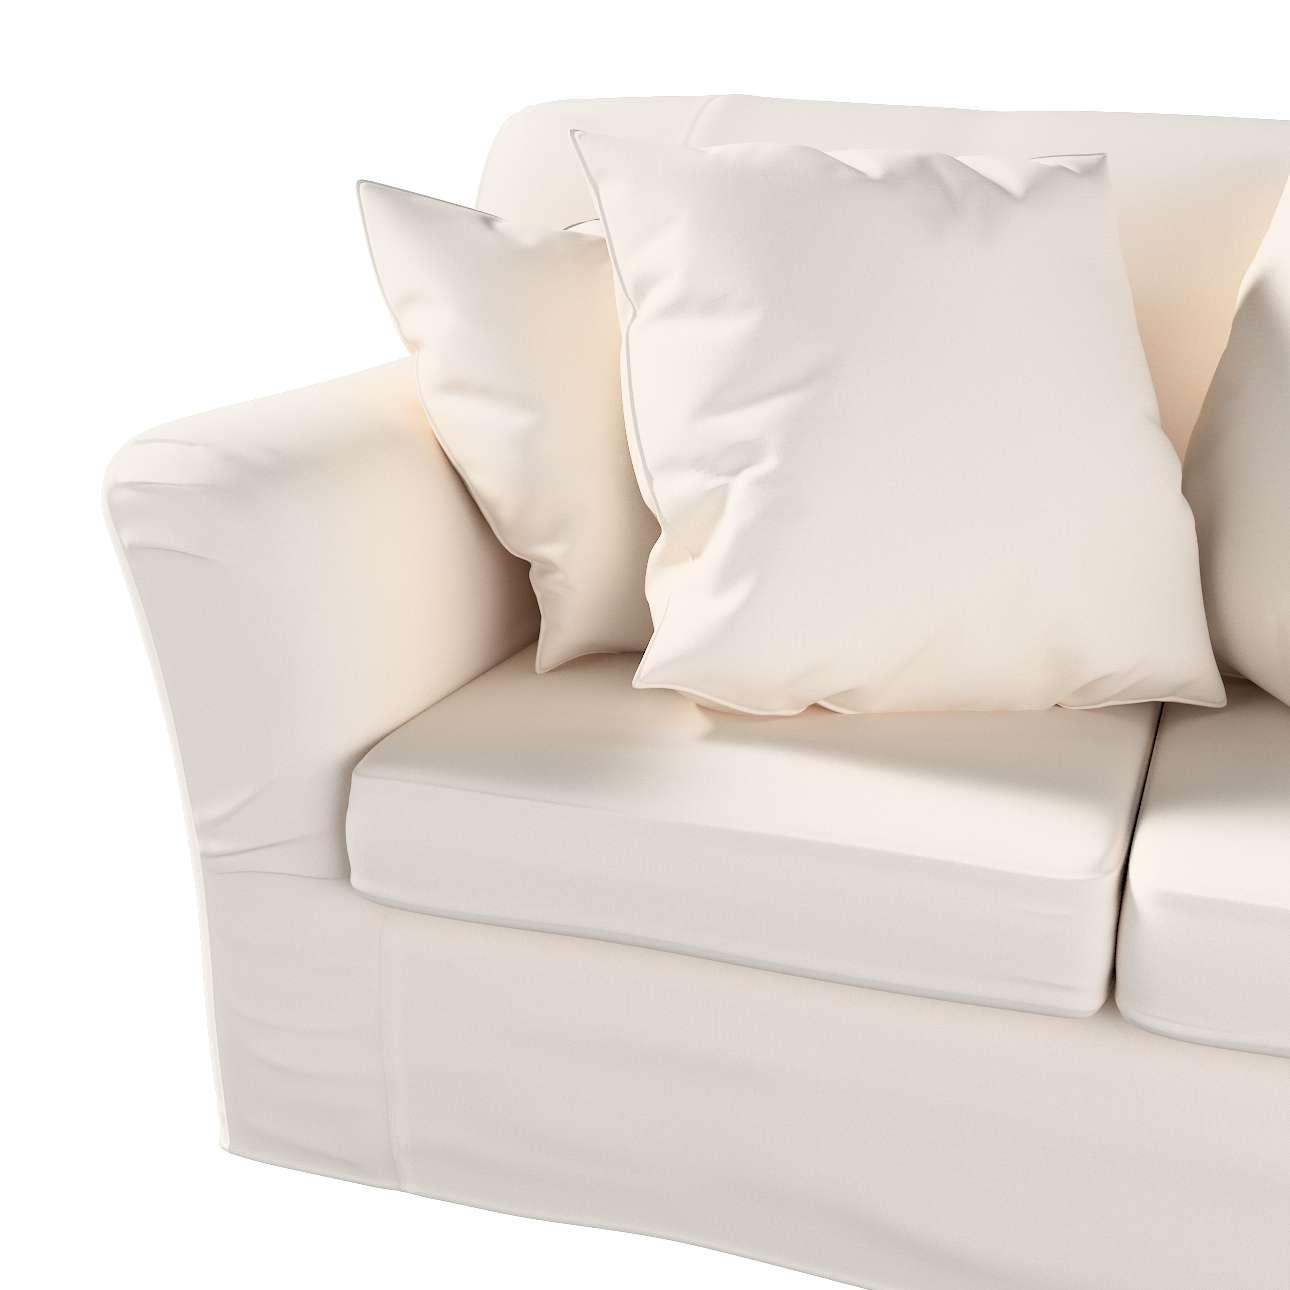 Pokrowiec na sofę Tomelilla 2-osobową nierozkładaną w kolekcji Etna, tkanina: 705-01